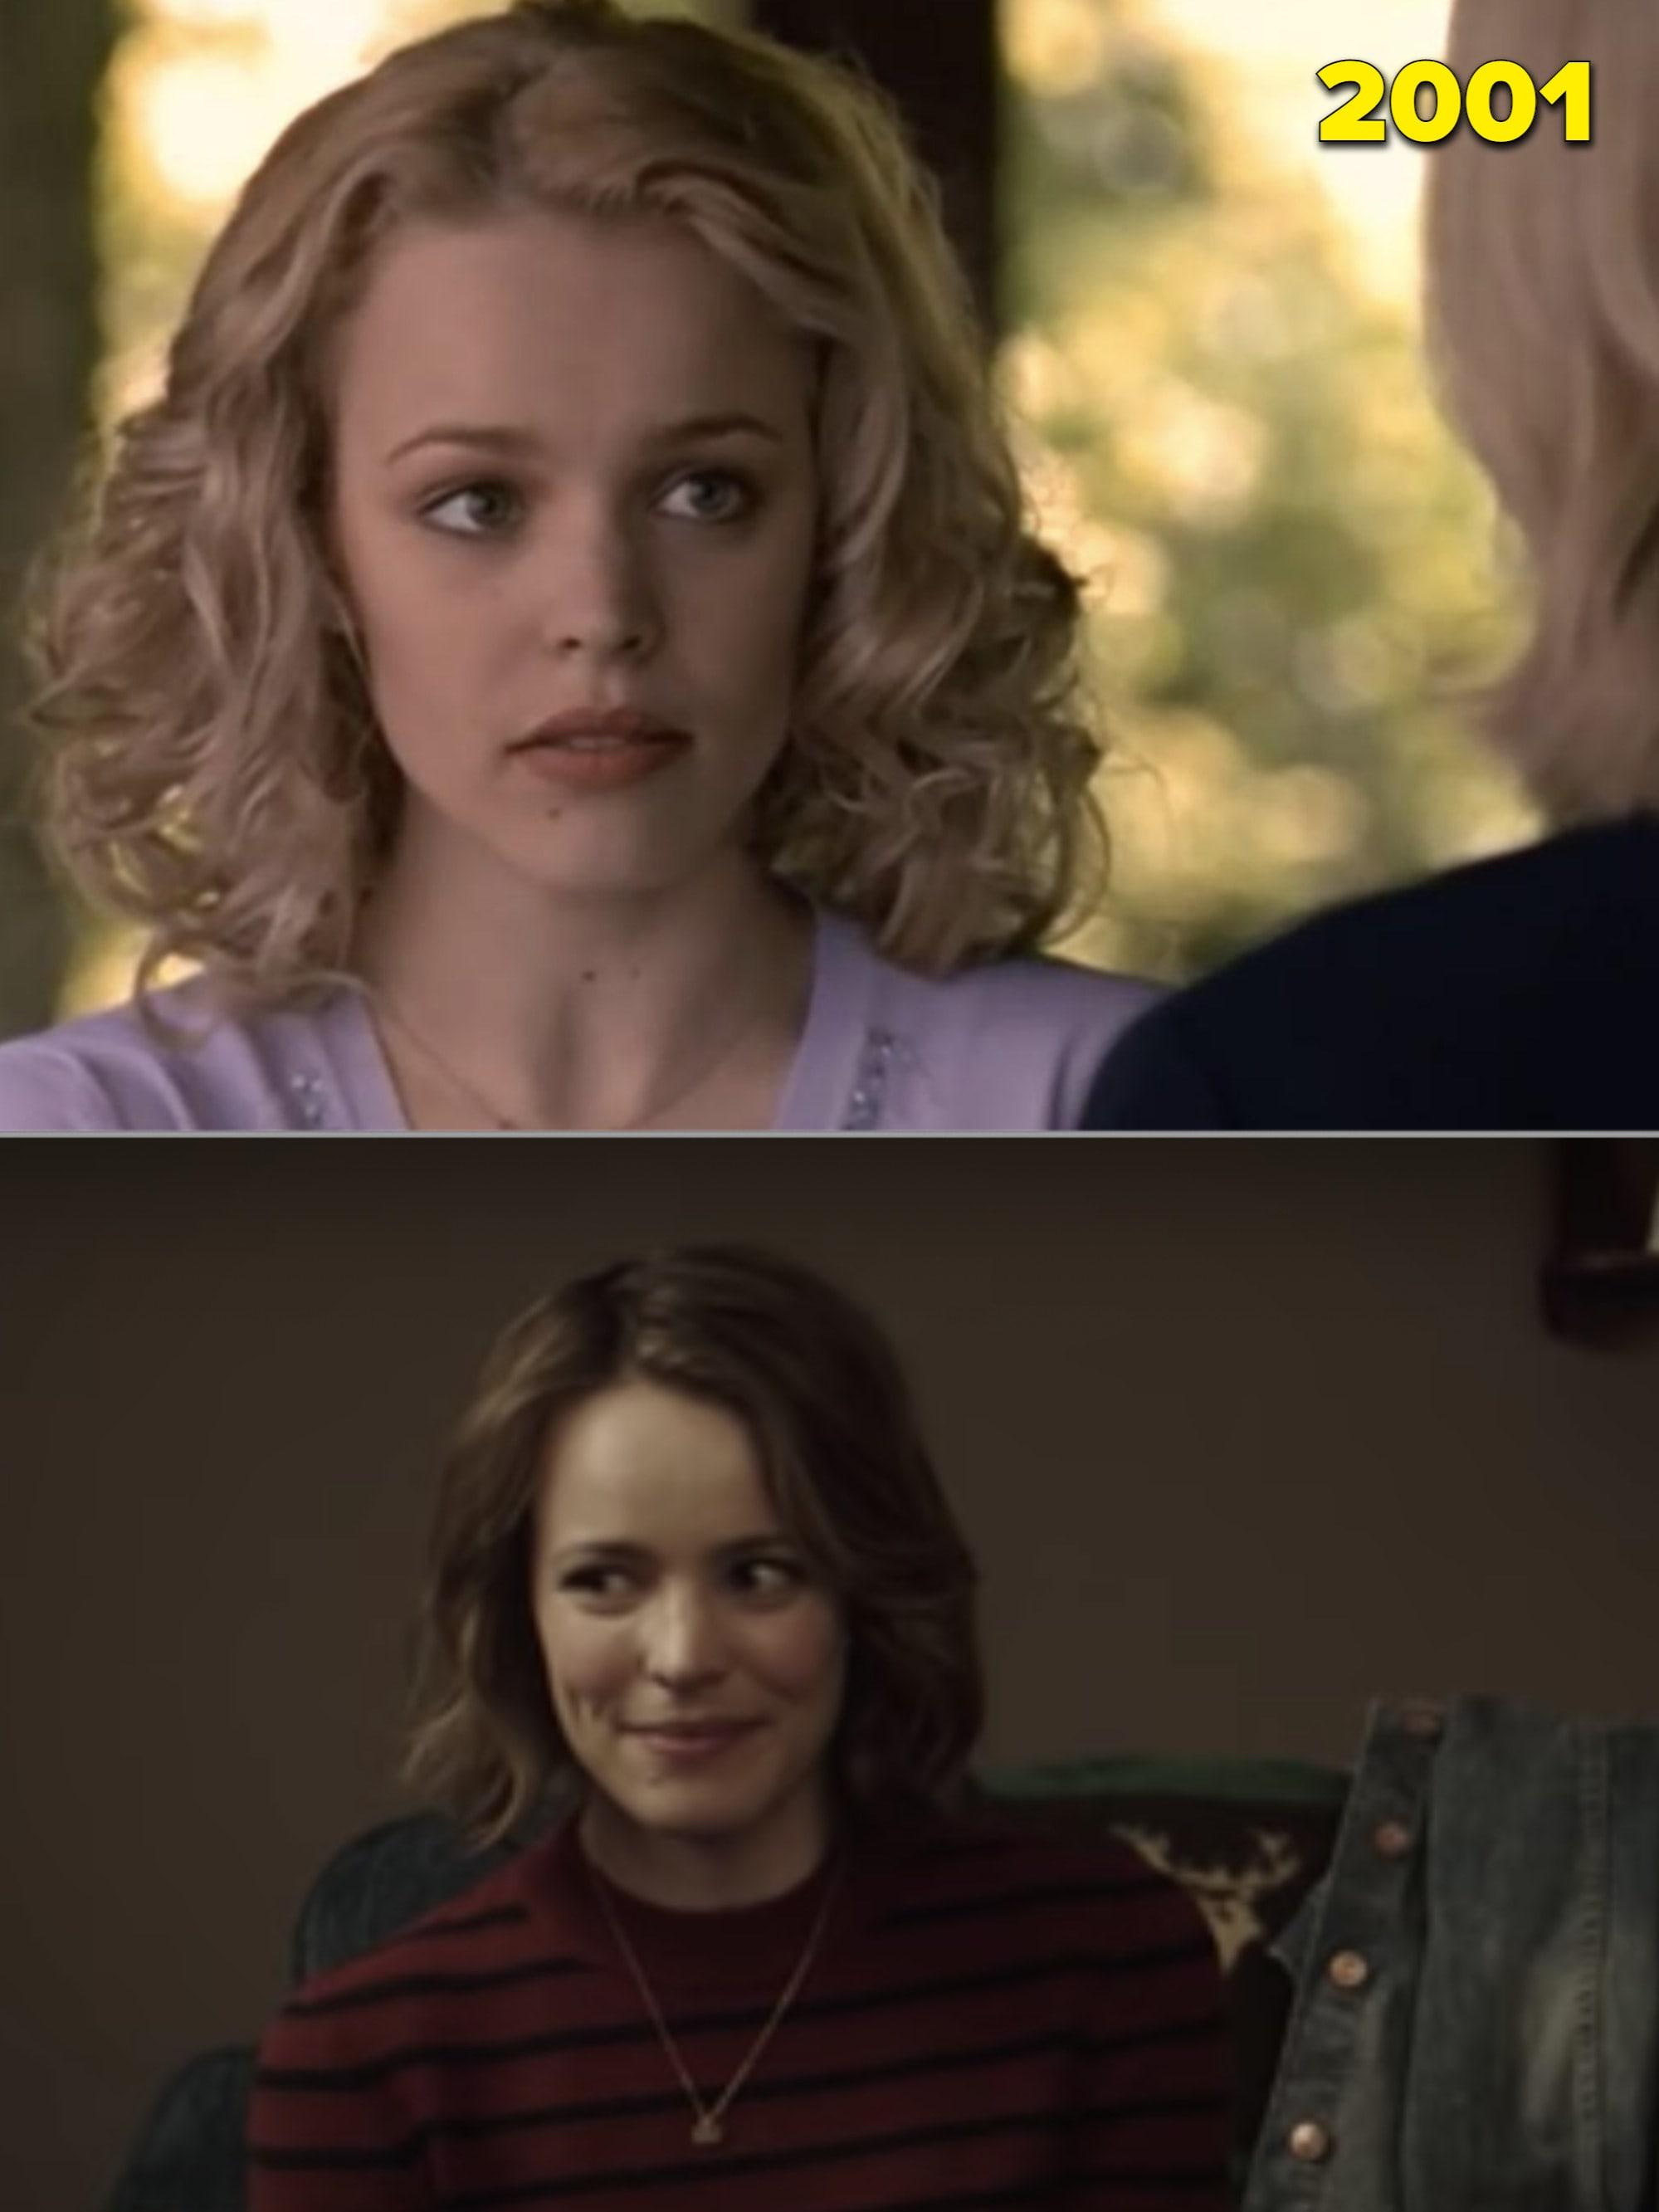 """Rachel com cabelo loiro encaracolado em 2001 e em """"A Noite do Jogo"""""""